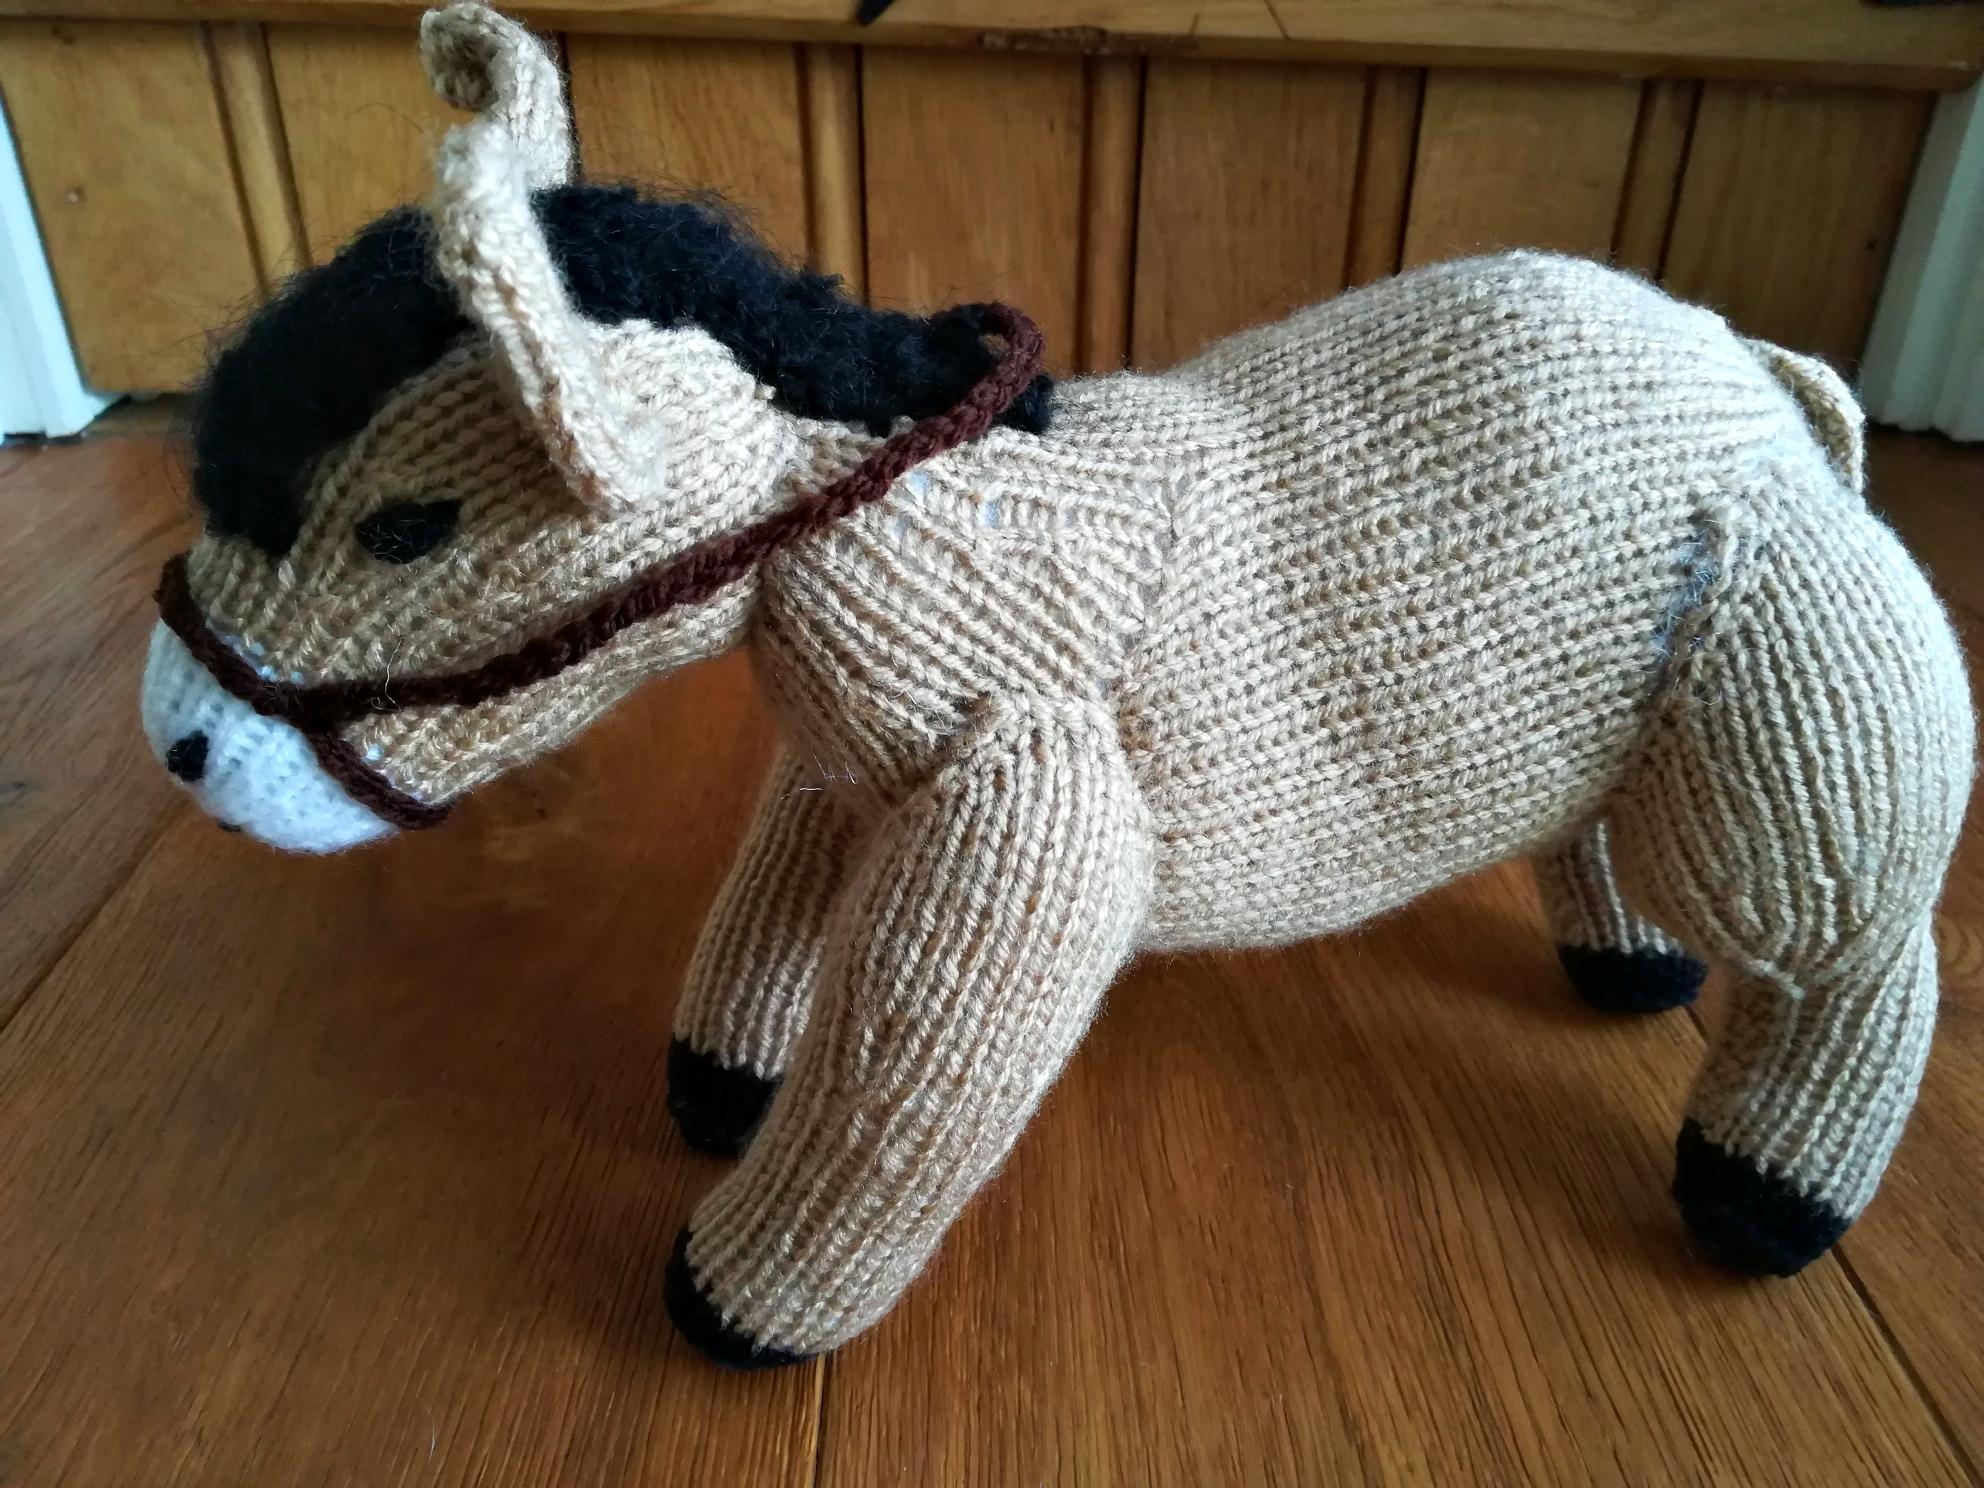 Devro the donkey